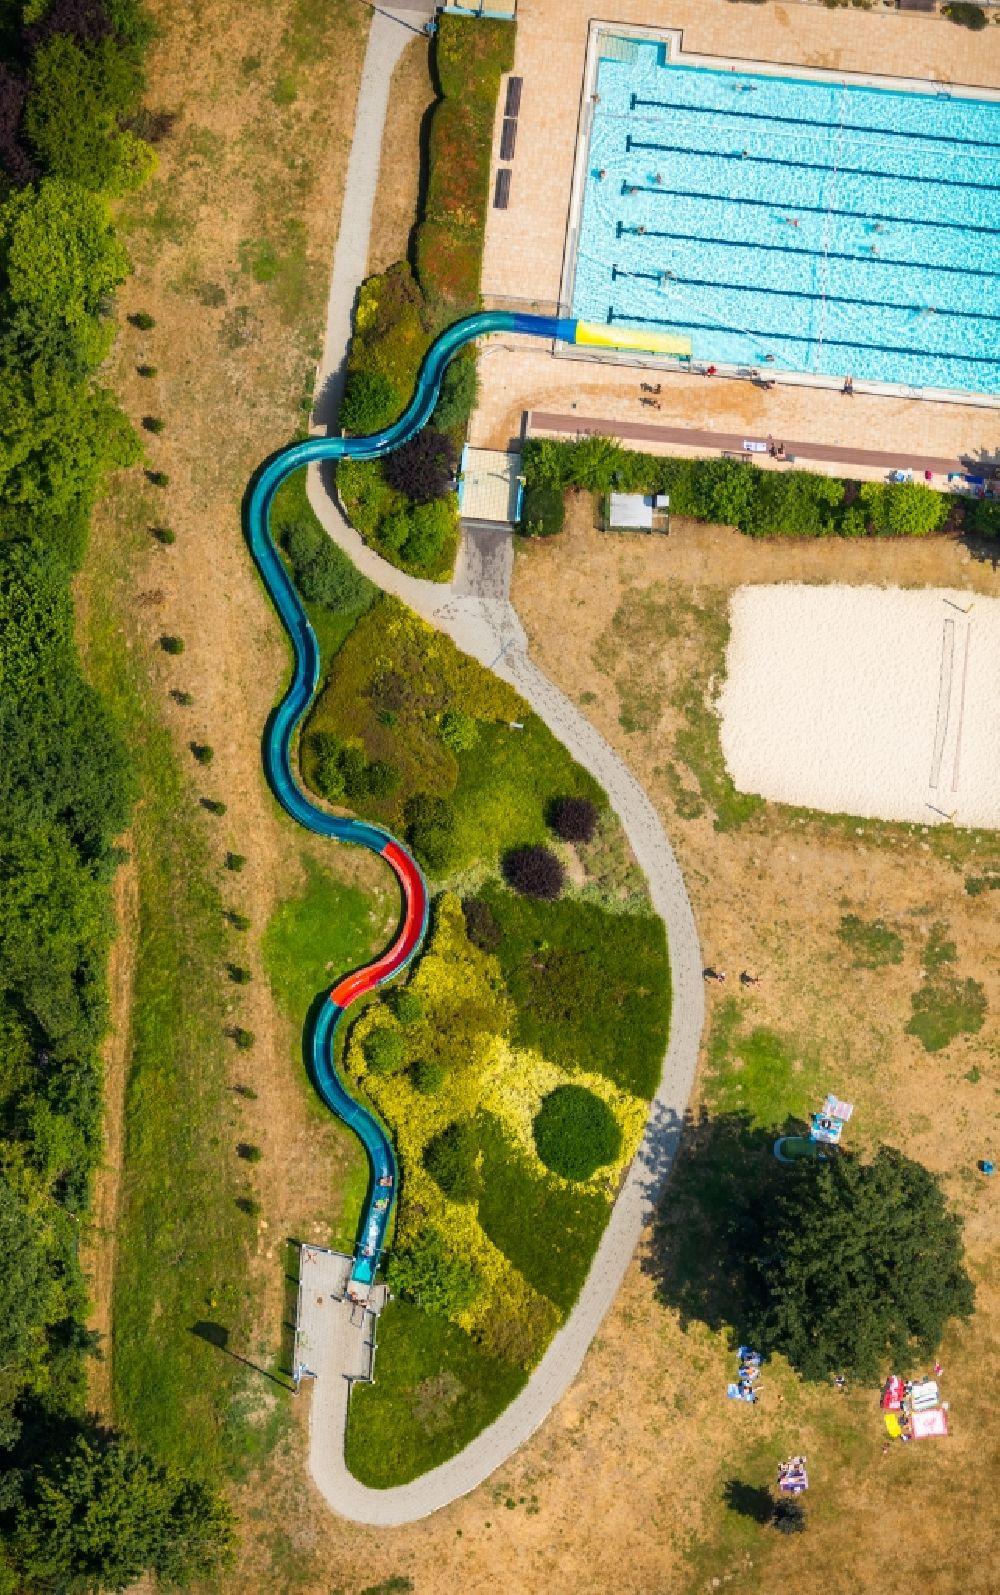 Haltern Am See Schwimmbad  Haltern Am See Freibad Aquarell Ostseesuche